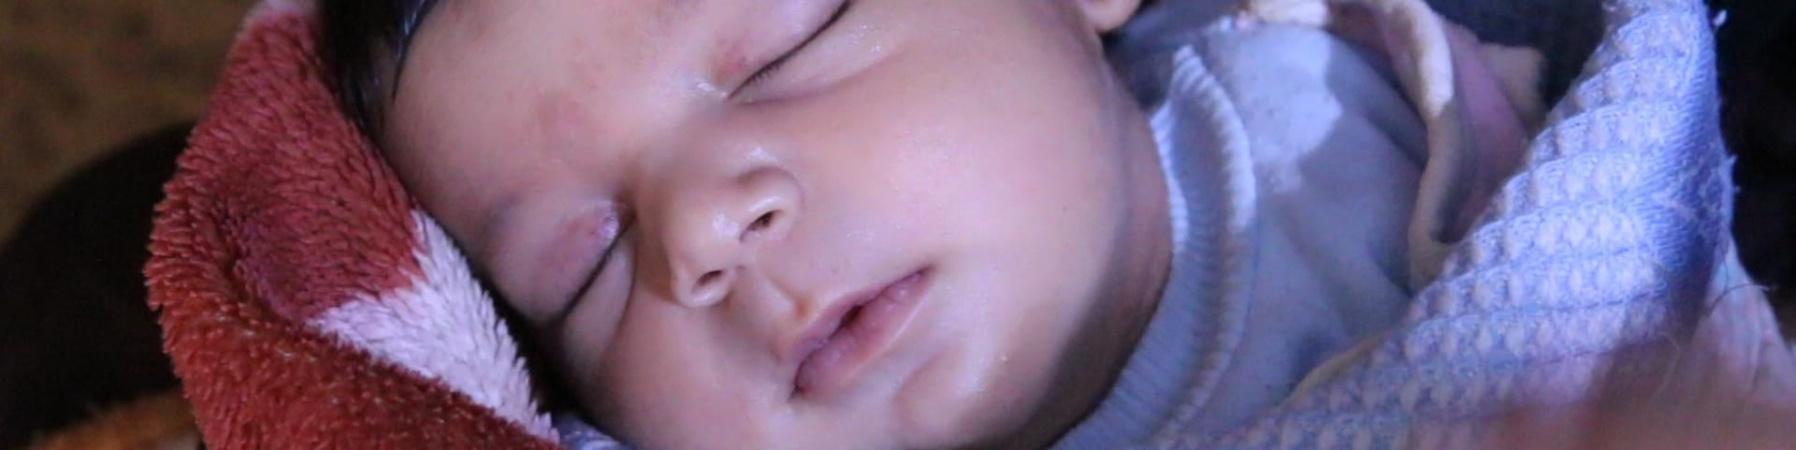 primo piano di bimbo neonato che dorme